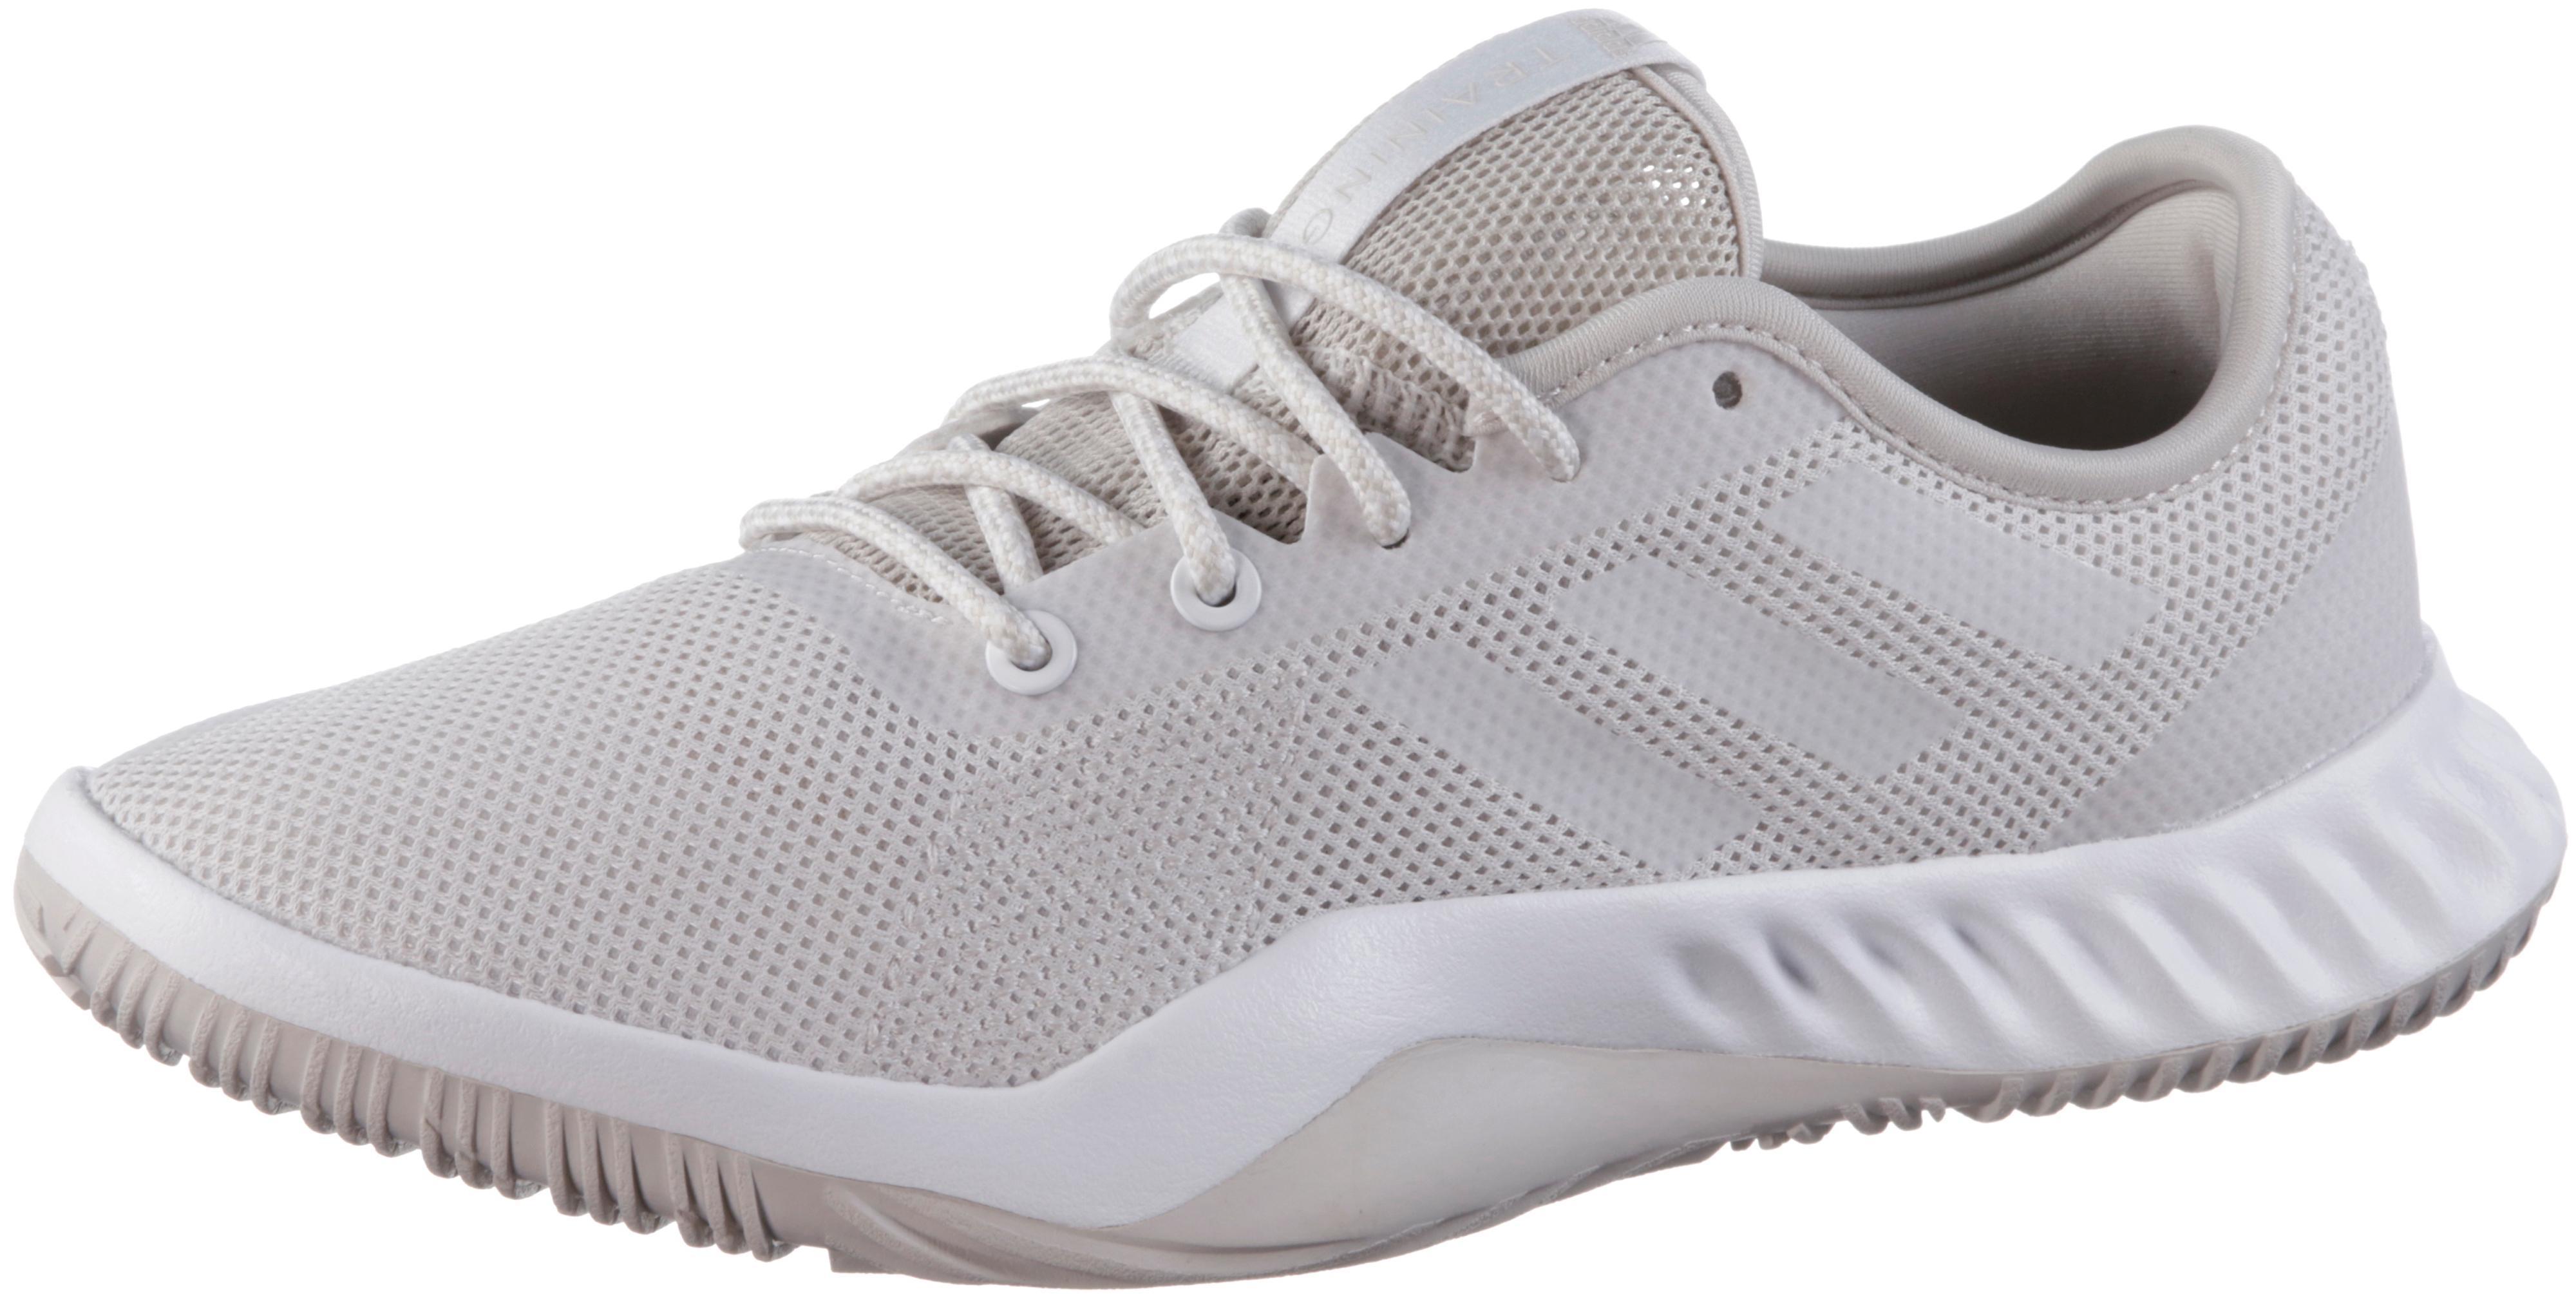 adidas CrazyTrain LT Fitnessschuhe Damen chalk pearl im Online Shop von  SportScheck kaufen